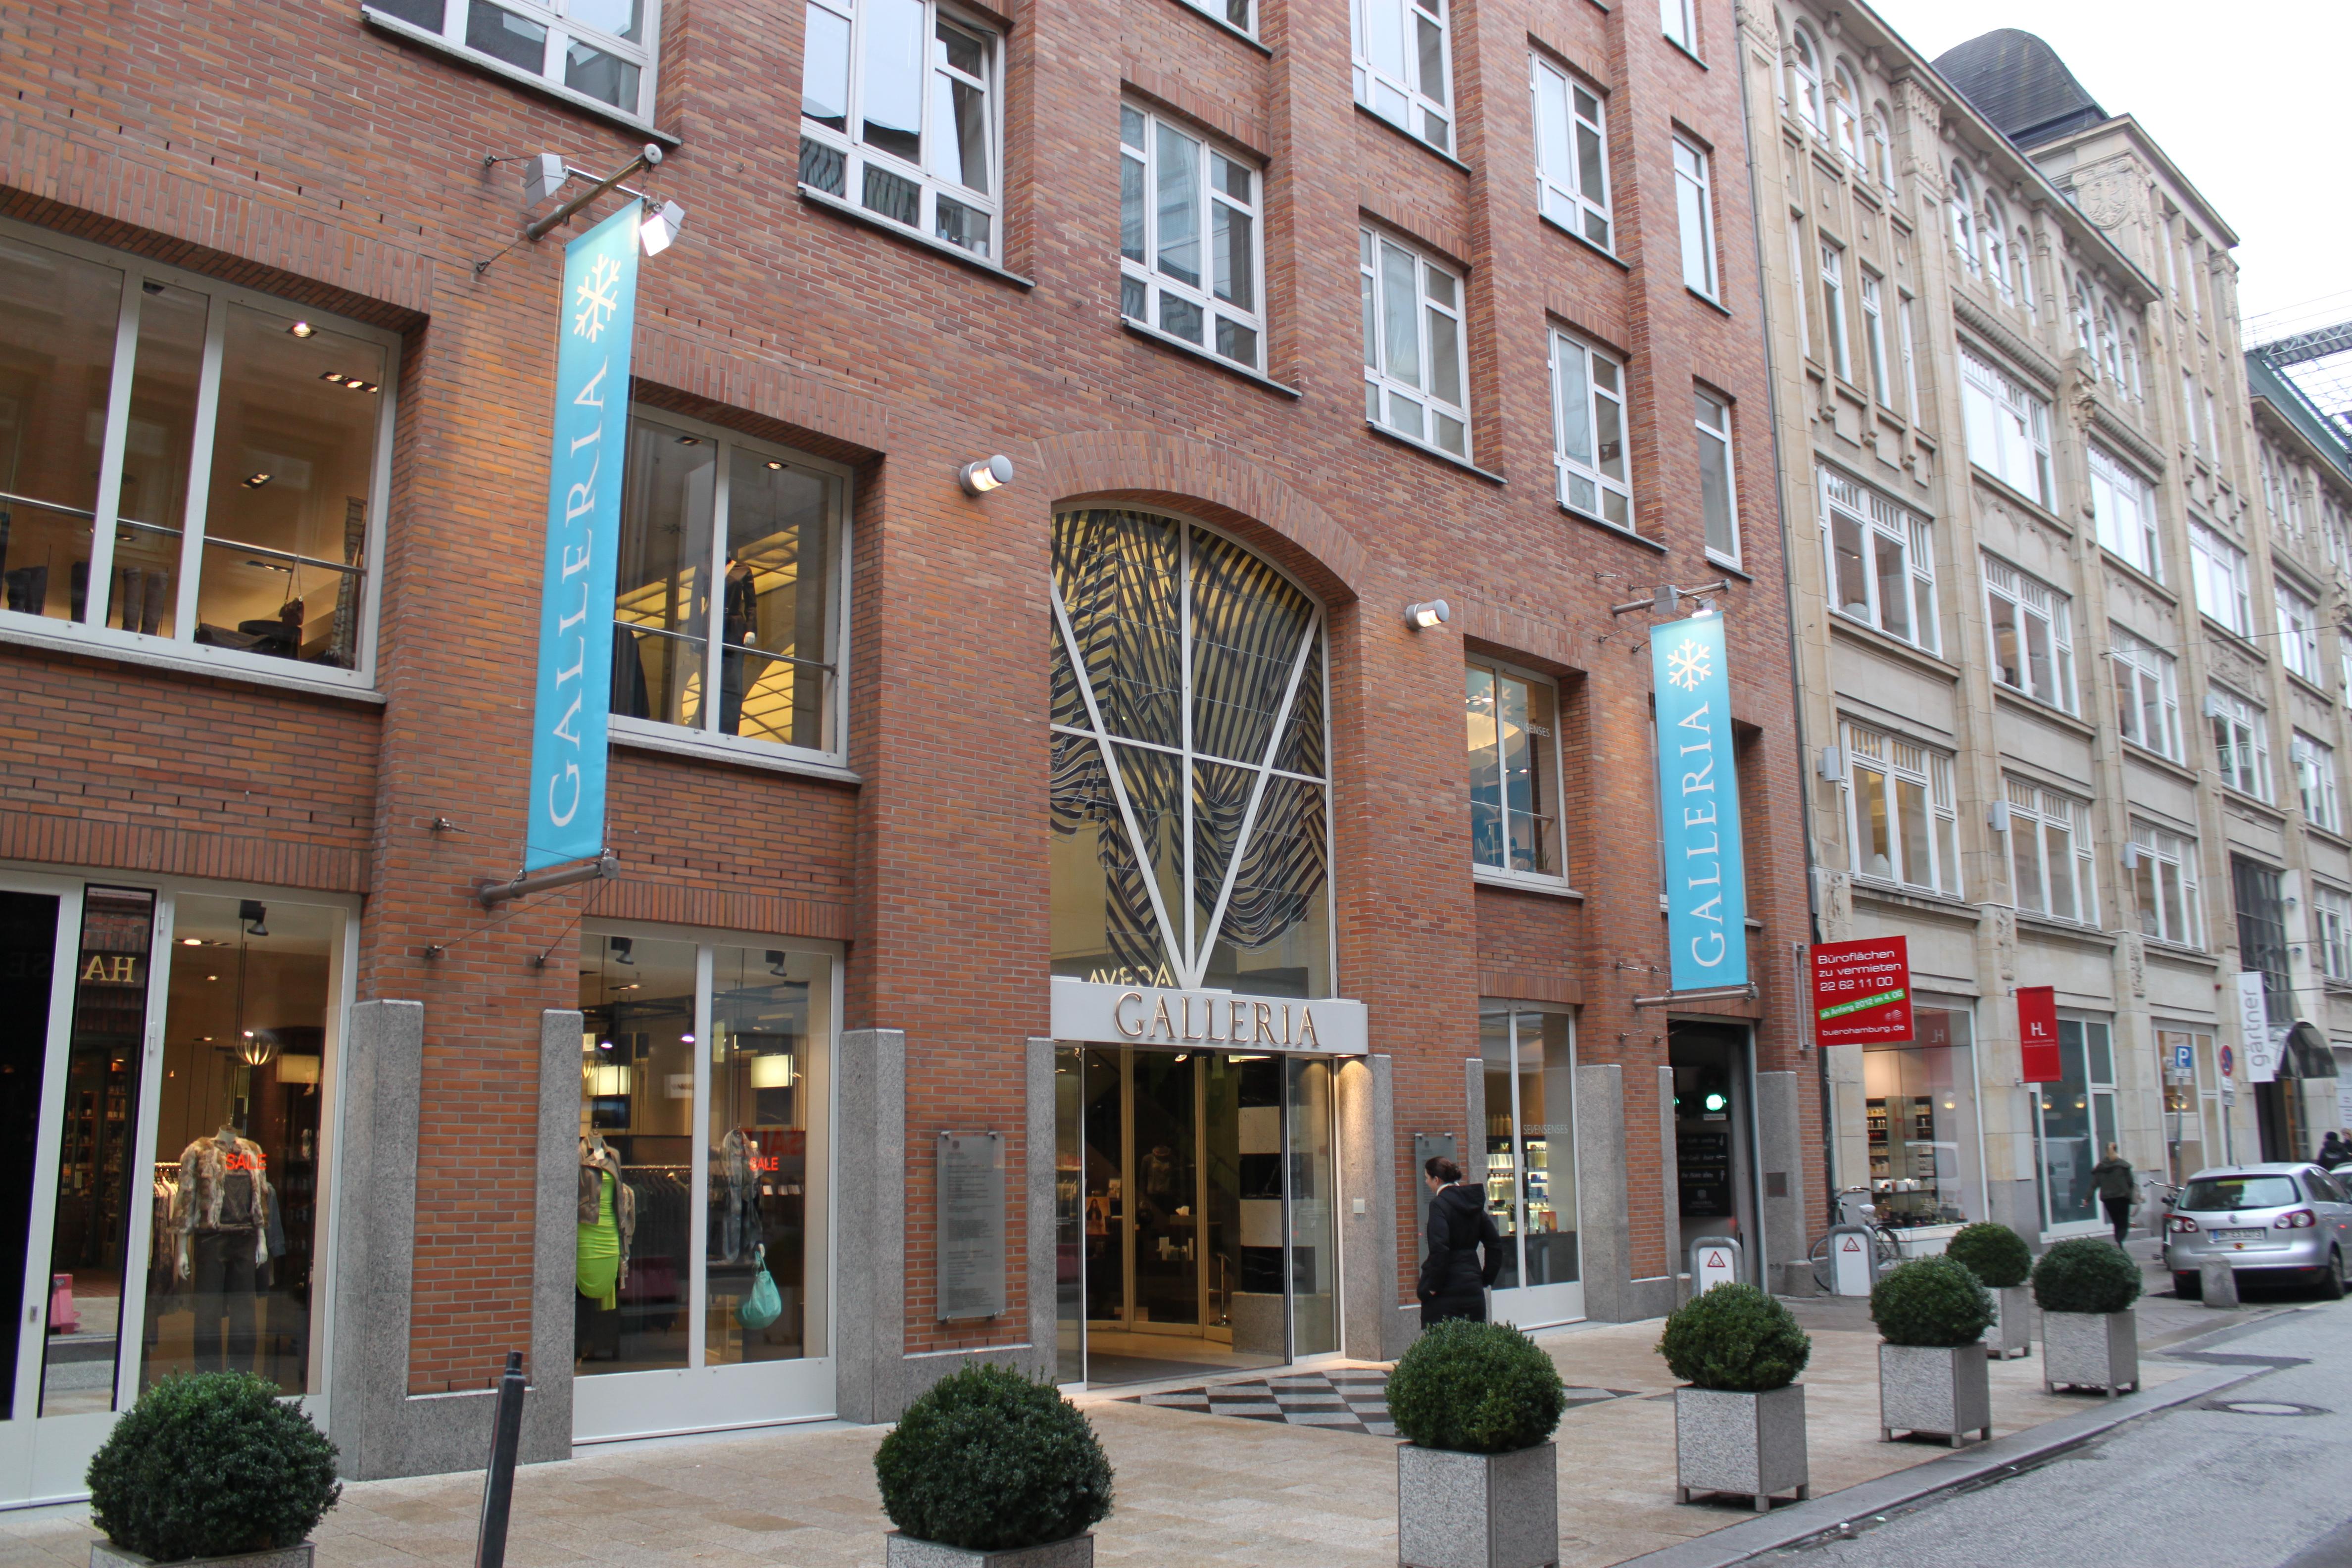 Die Galleria Hamburg Die Feine Einkaufspassage Mit Edler